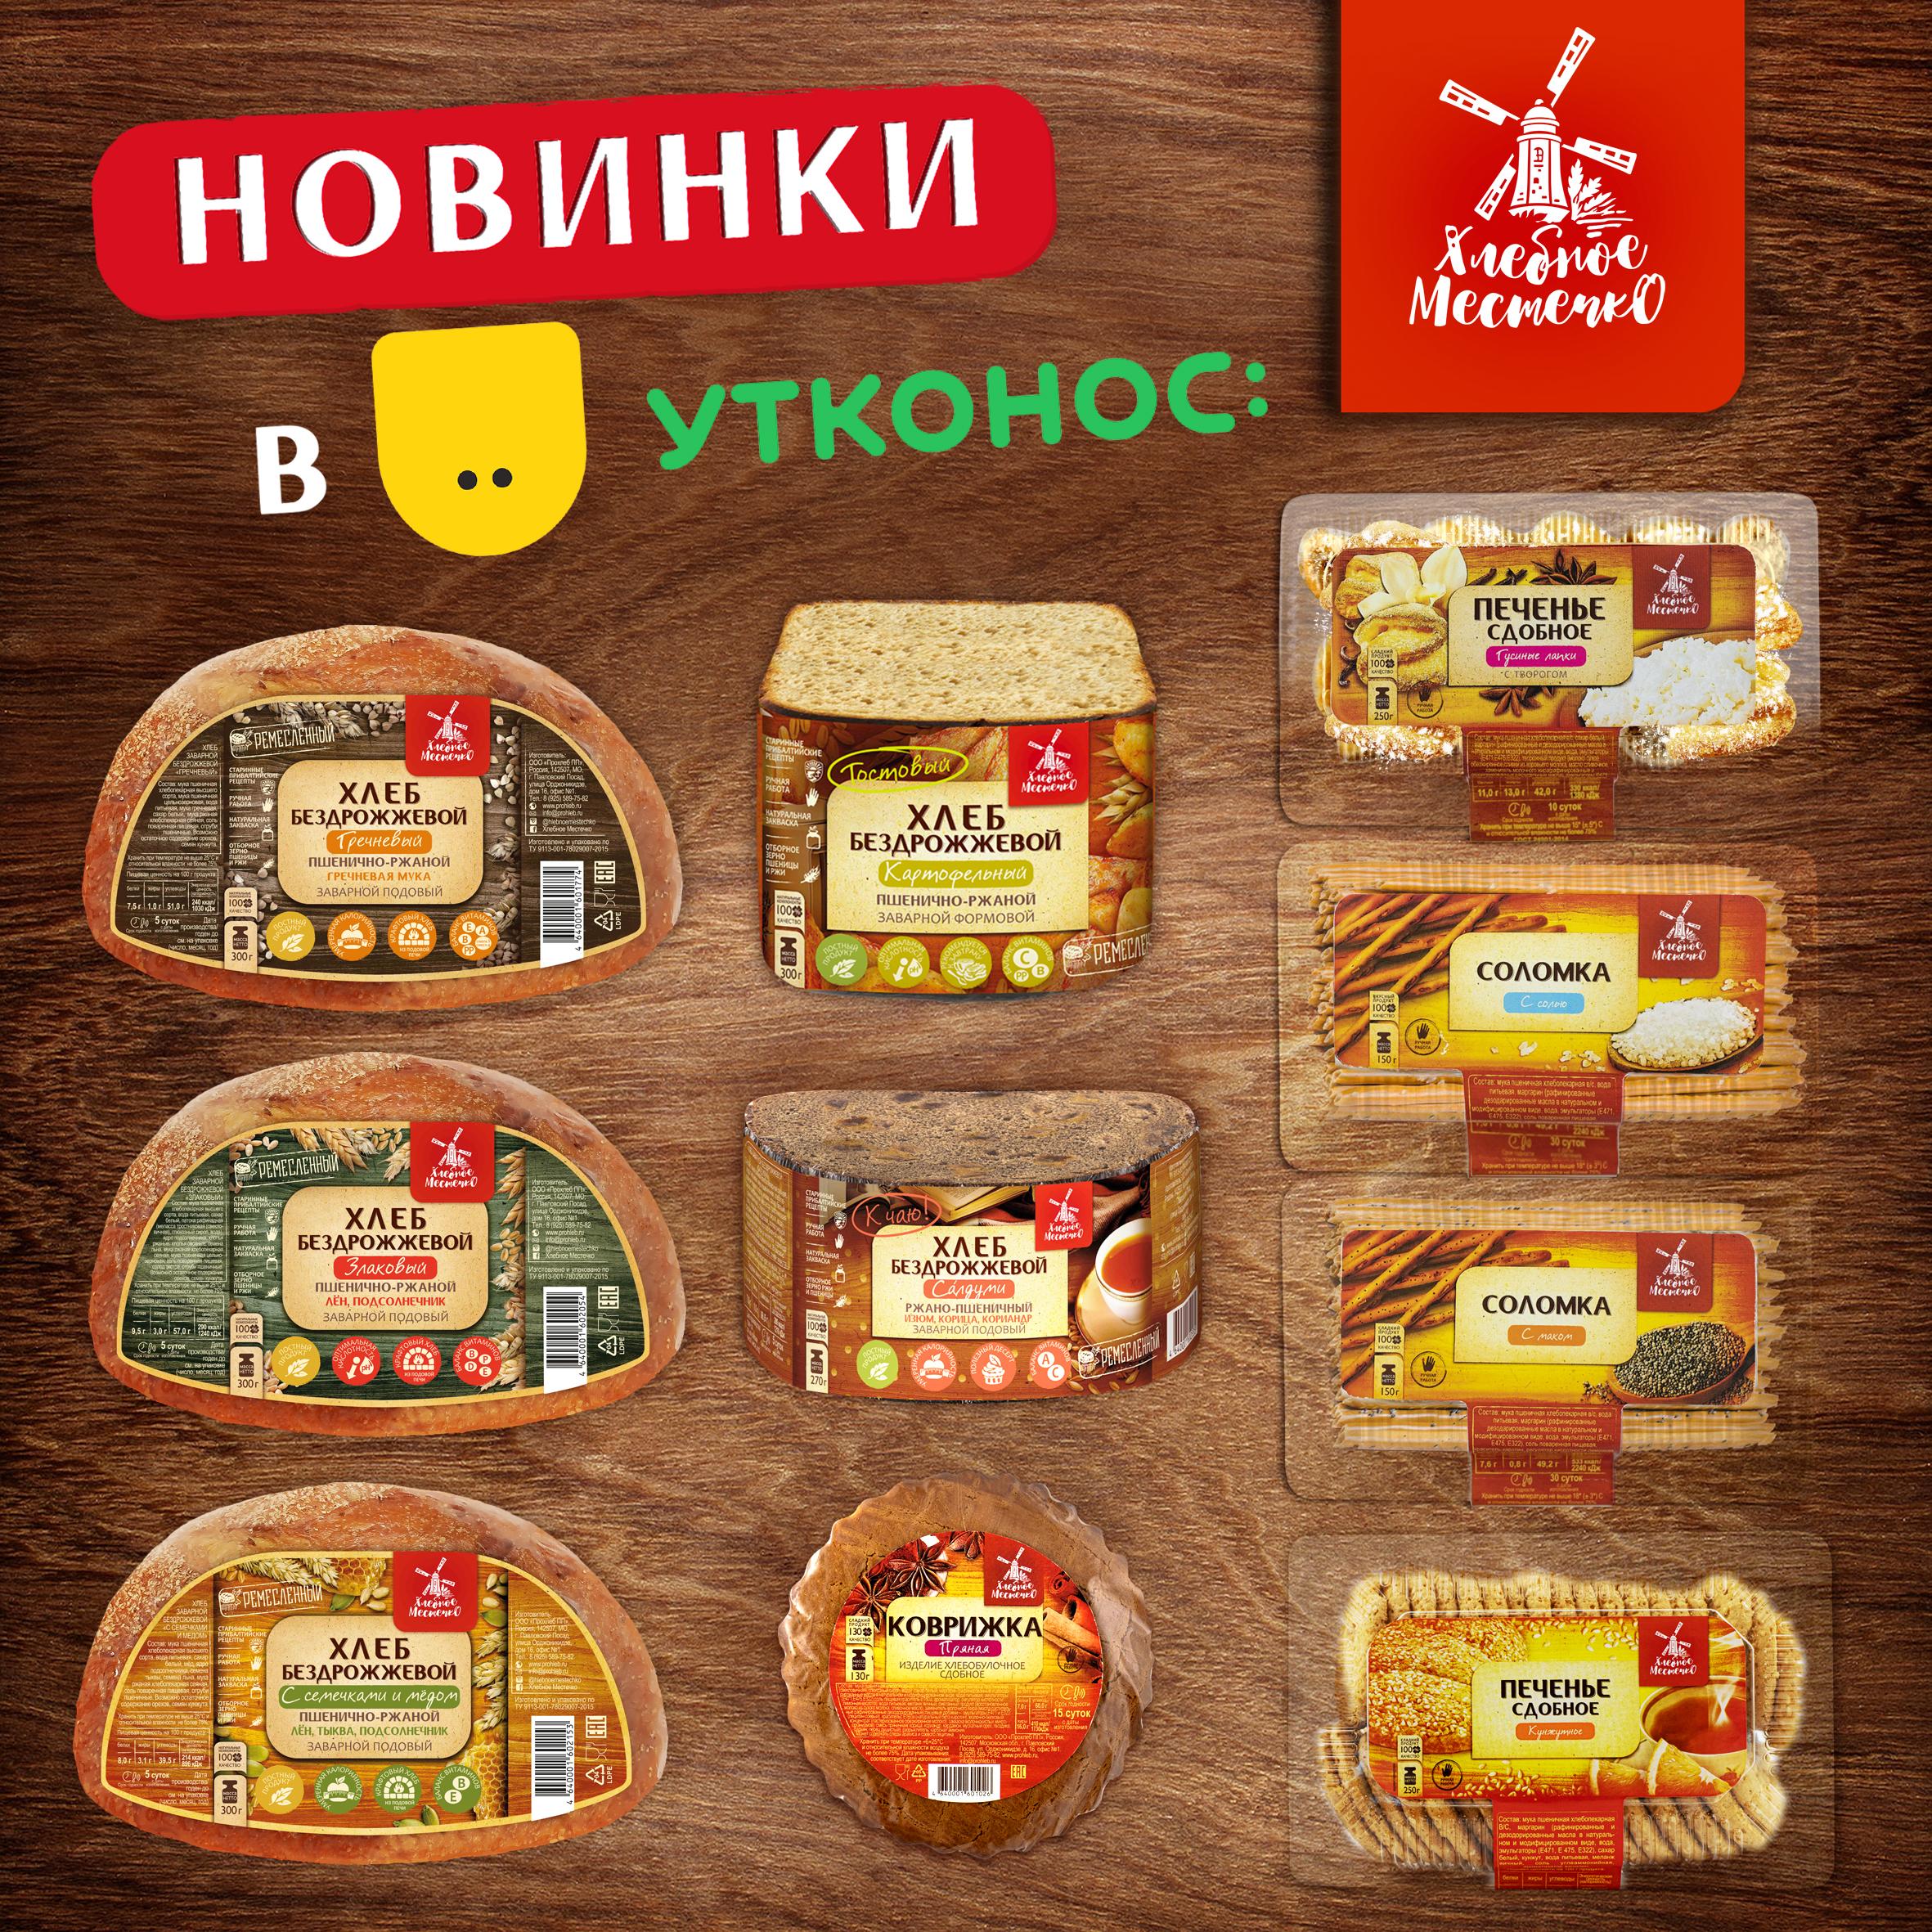 Новинки в онлайн-гипермаркете Утконос!